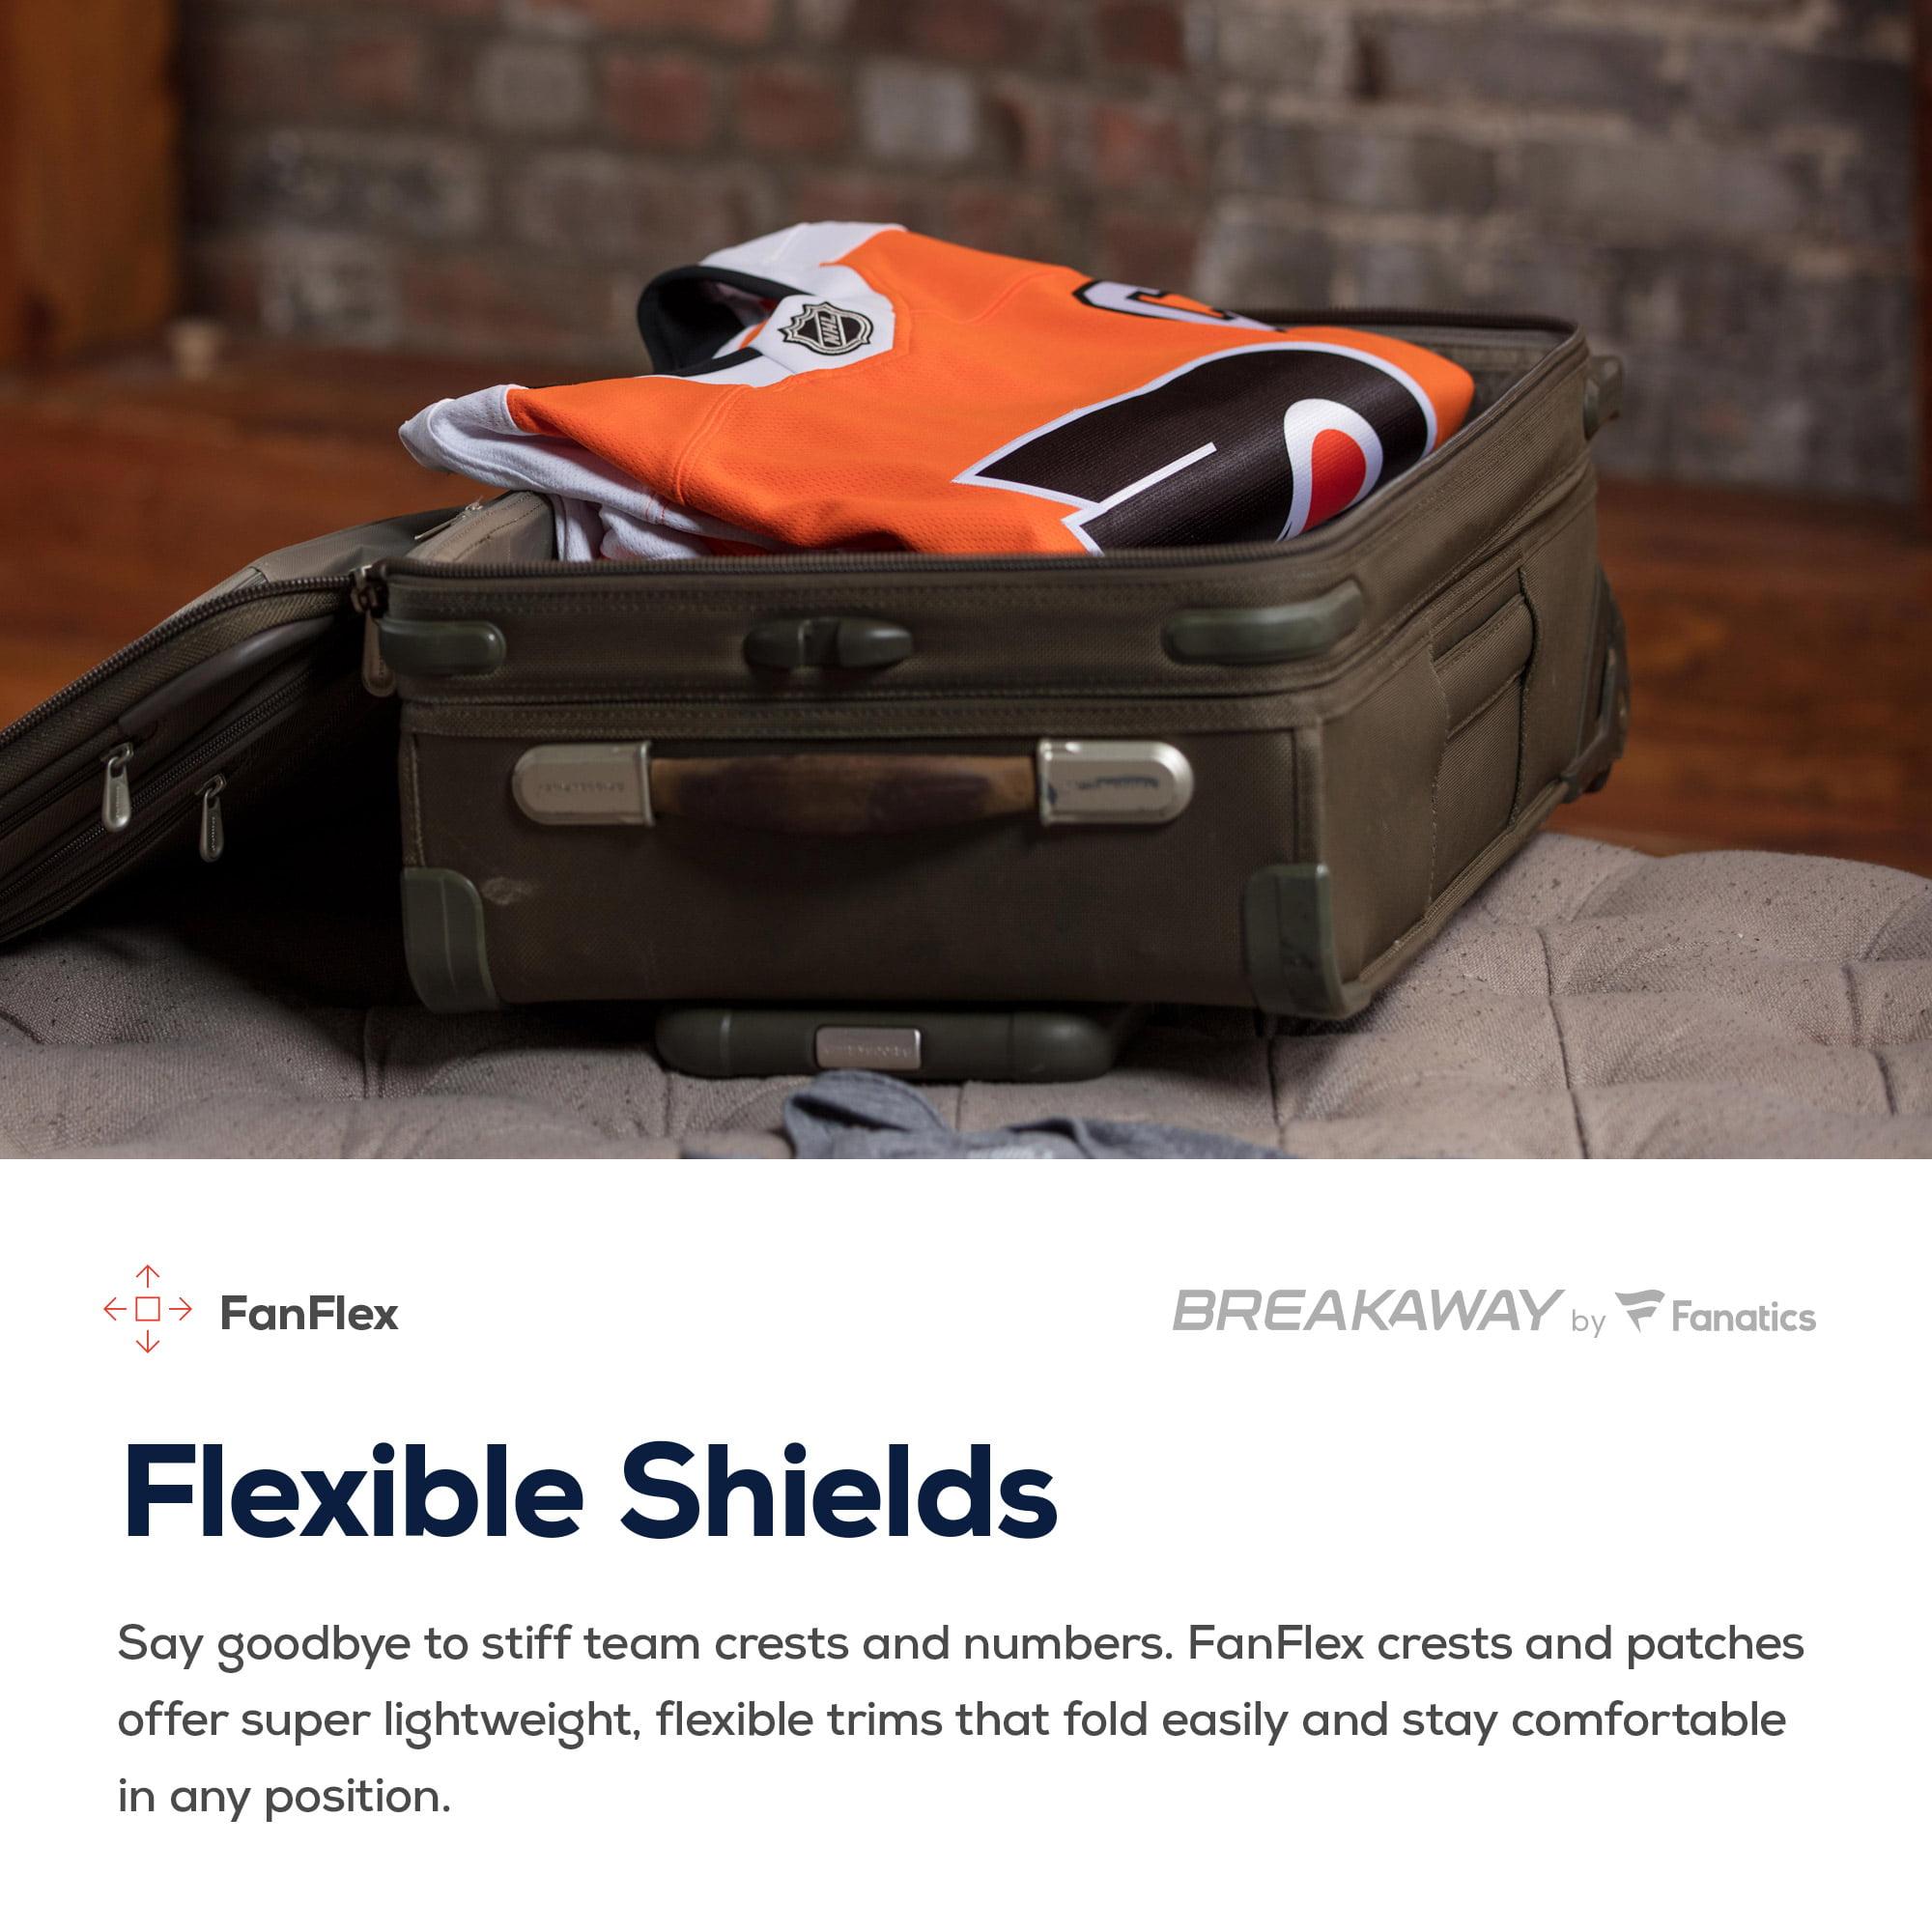 ffb3ba42e Oskar Lindblom Philadelphia Flyers Fanatics Branded Women's Breakaway  Player Jersey - Orange - Walmart.com